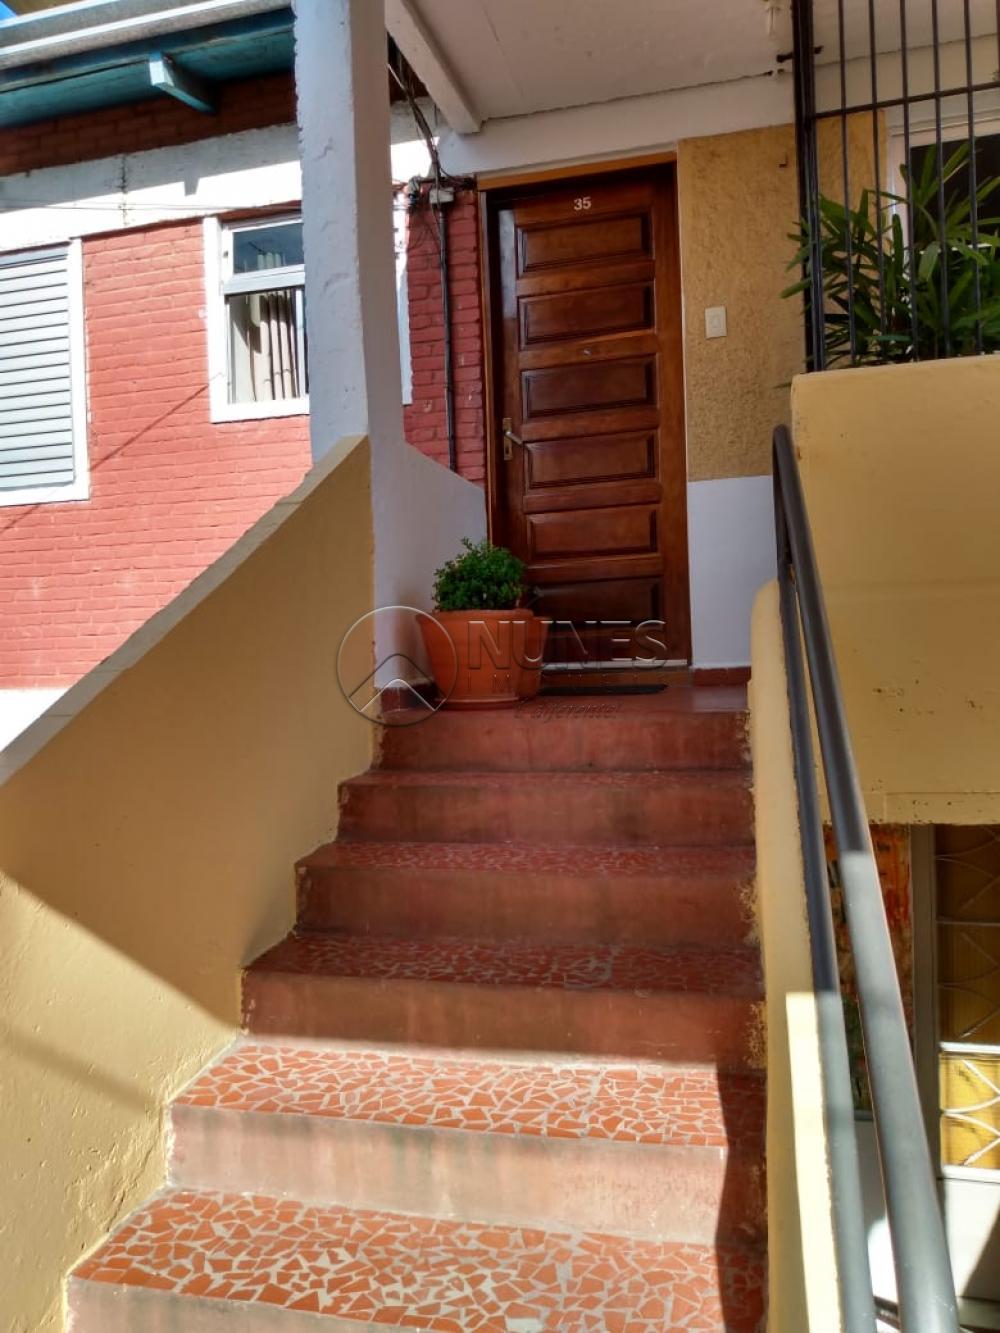 Comprar Apartamento / Padrão em Carapicuíba apenas R$ 140.000,00 - Foto 20